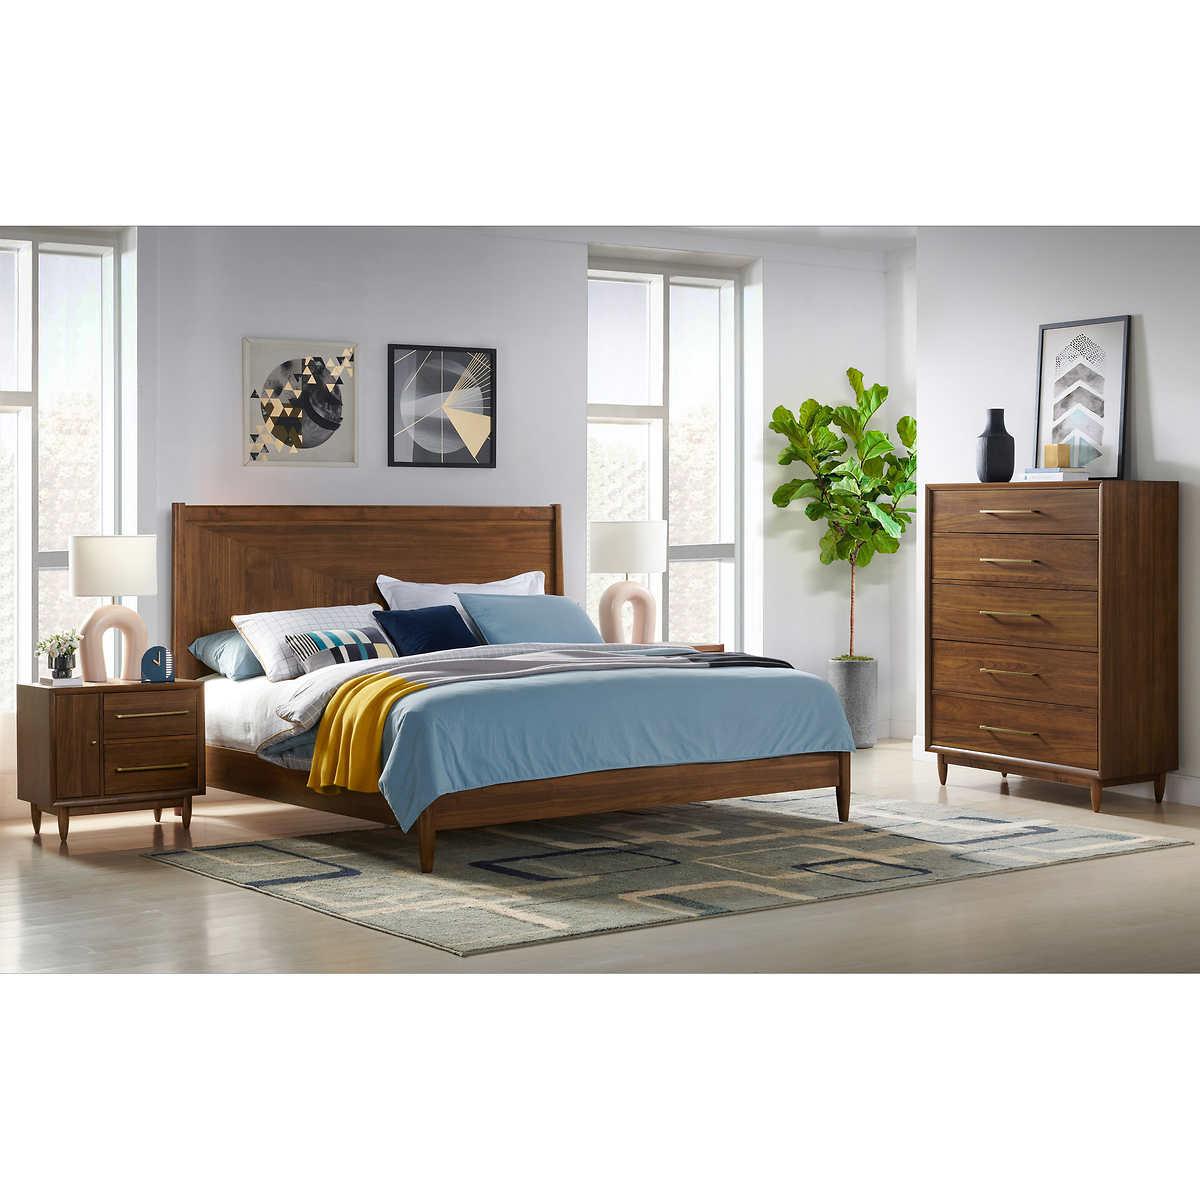 Marina Del Rey 9-piece Mid-Century Modern Queen Bedroom Set